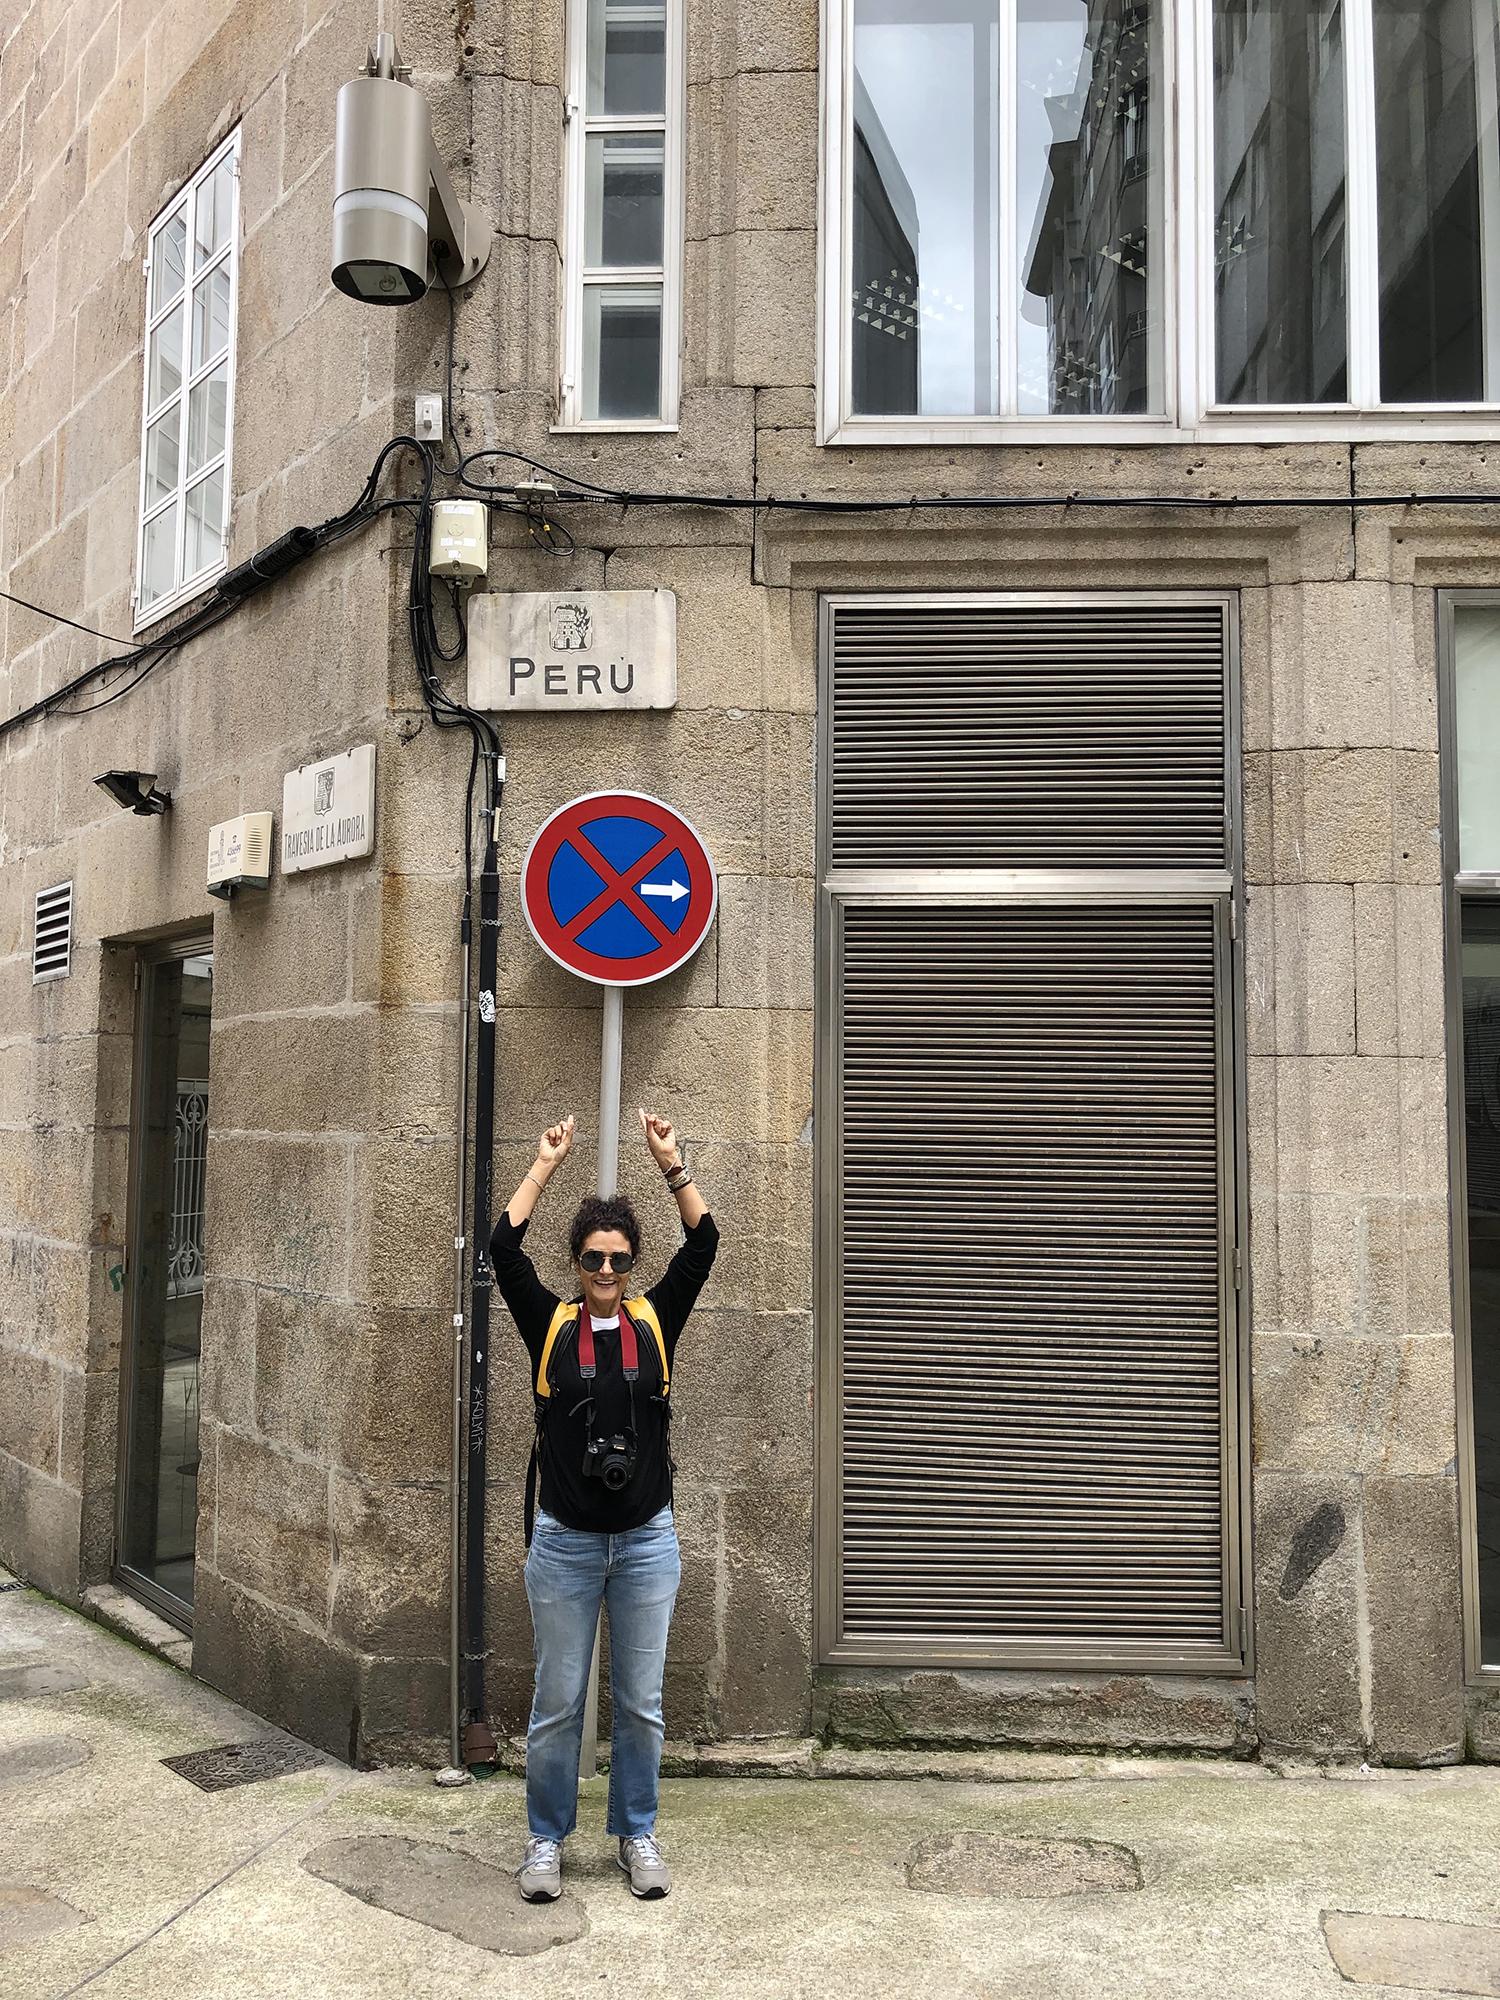 """Cinda Miranda  estuvo en Vigo, España, y durante su itinerario fotográfico, se topó con un letrero de nombre muy familiar: la calle Perú (Rúa Perú), ubicada entre las intersecciones de la Rúa do Doutor Cadaval y la Travesía da Aurora, dentro de la zona emblemática de la ciudad vigués.  Esta calle """"peruana"""" ha sido, en varias ocasiones, punto de encuentro para la celebración de fiestas conmemorativas de la comunidad peruana residente en Vigo."""